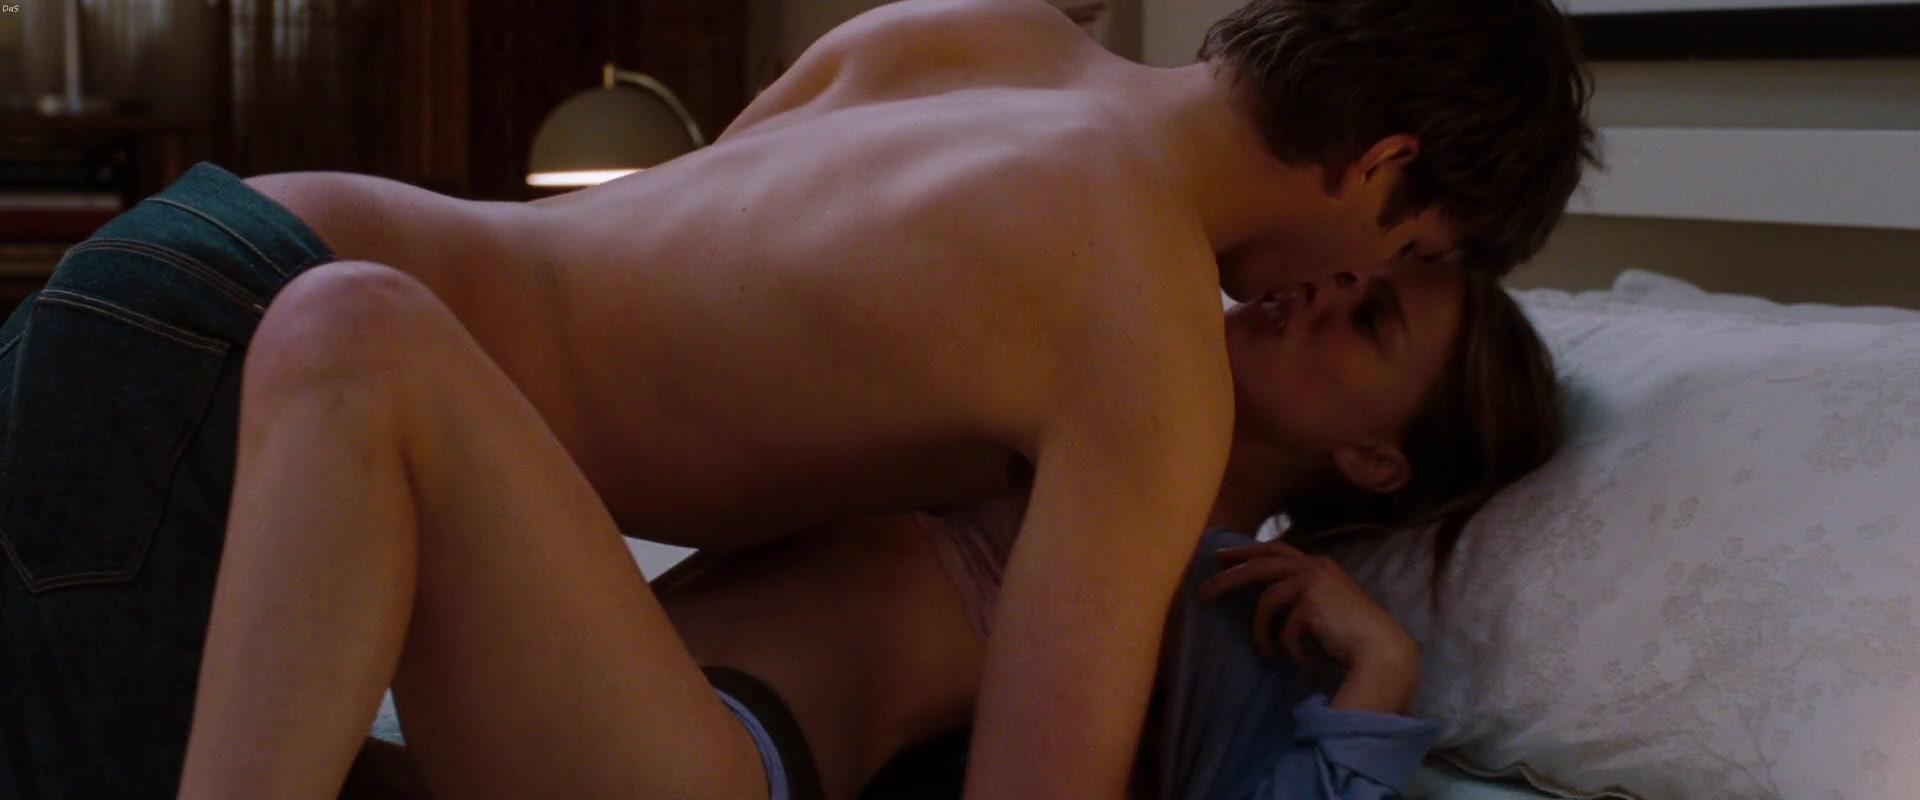 секс скачать фильмы онлайн про